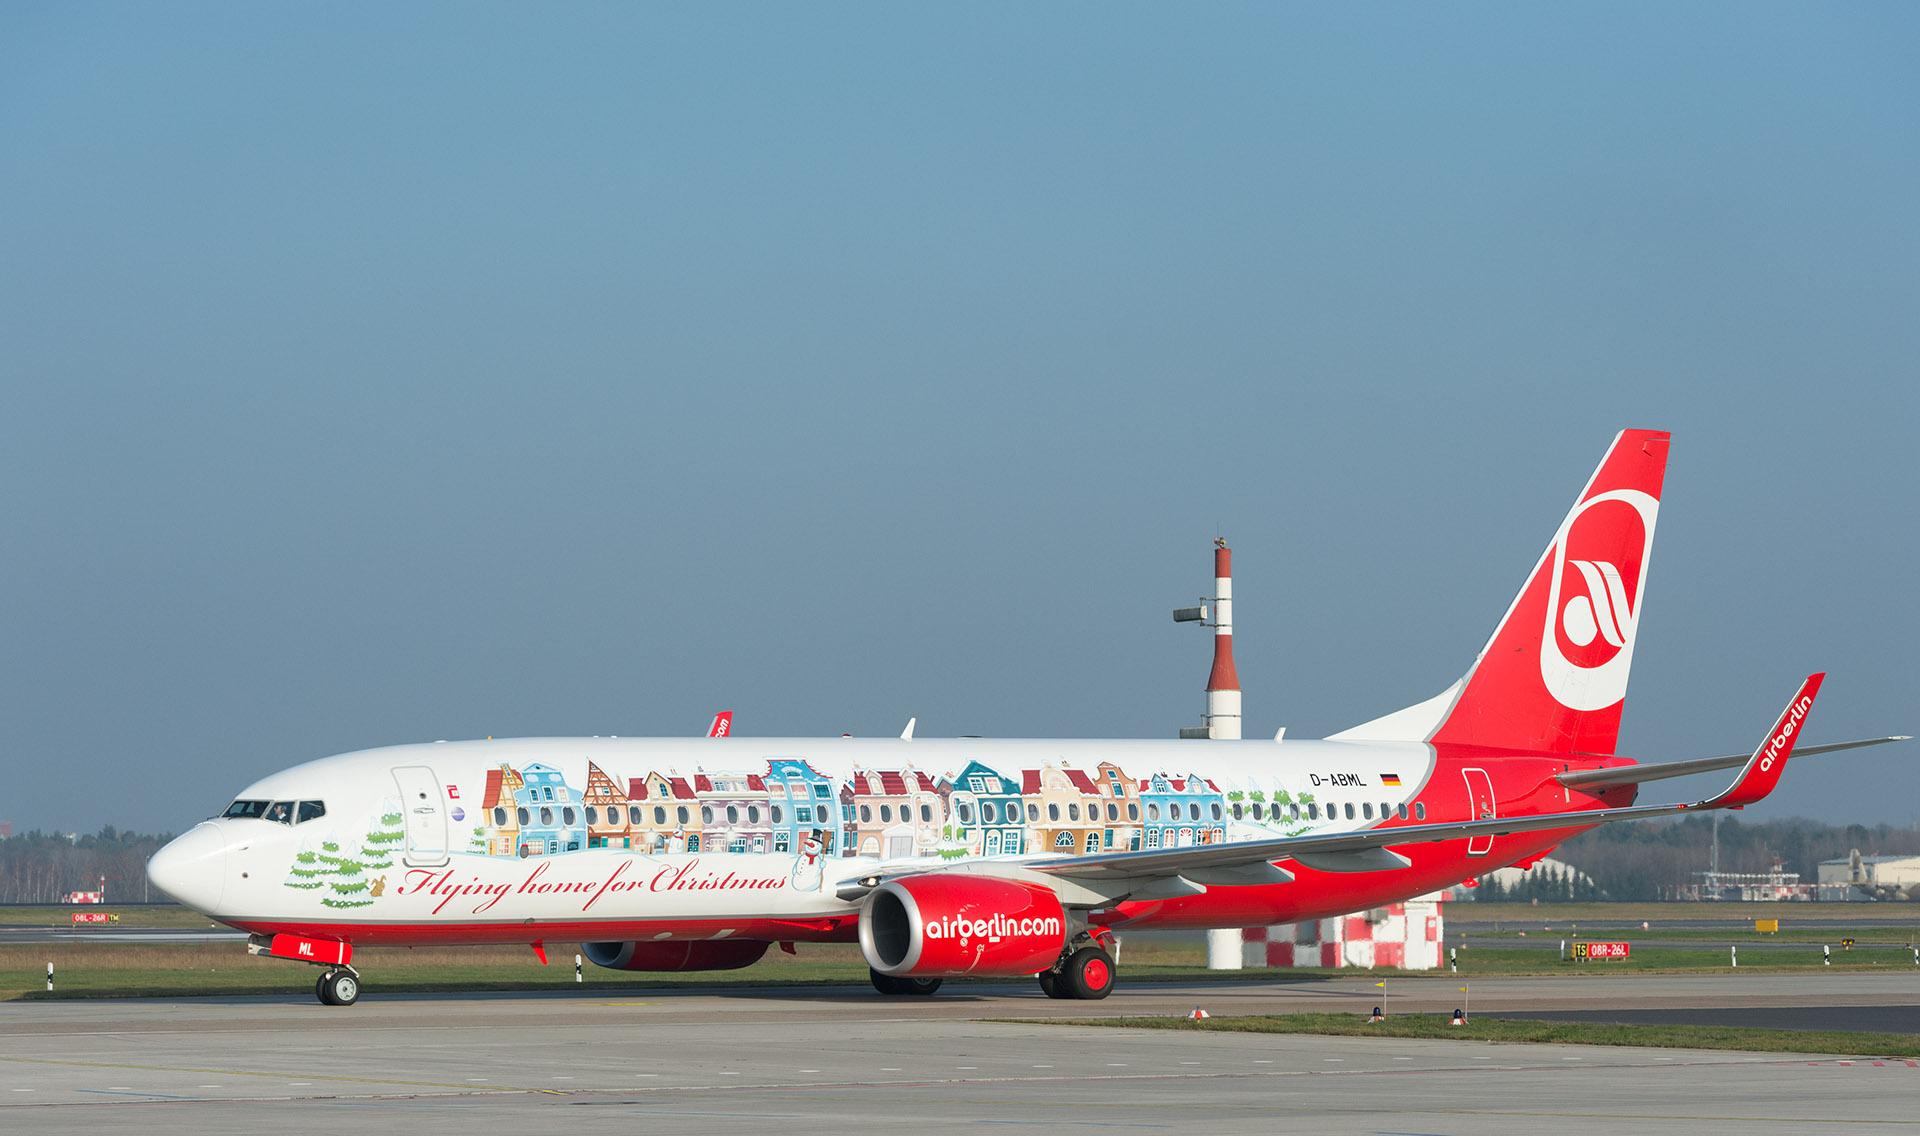 Bemutatkozott az airberlin idei karácsonyi repülőgépe